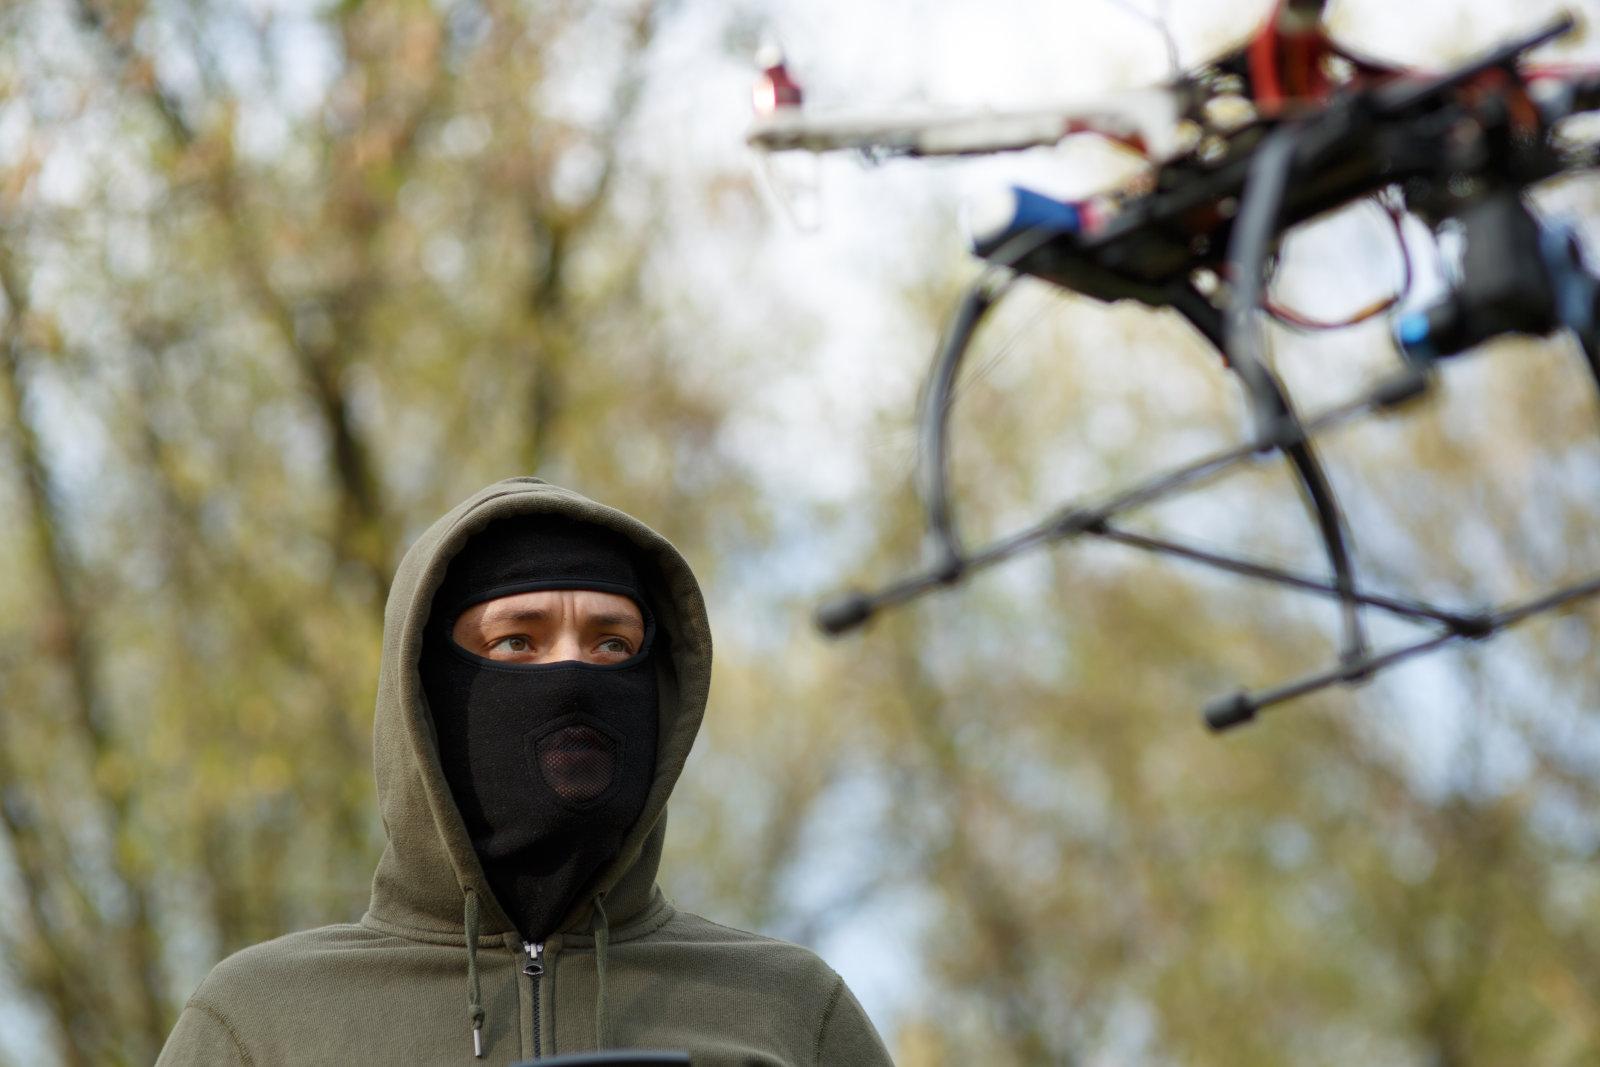 Los delincuentes ahora usan enjambres de drones para confundir a las fuerzas del orden